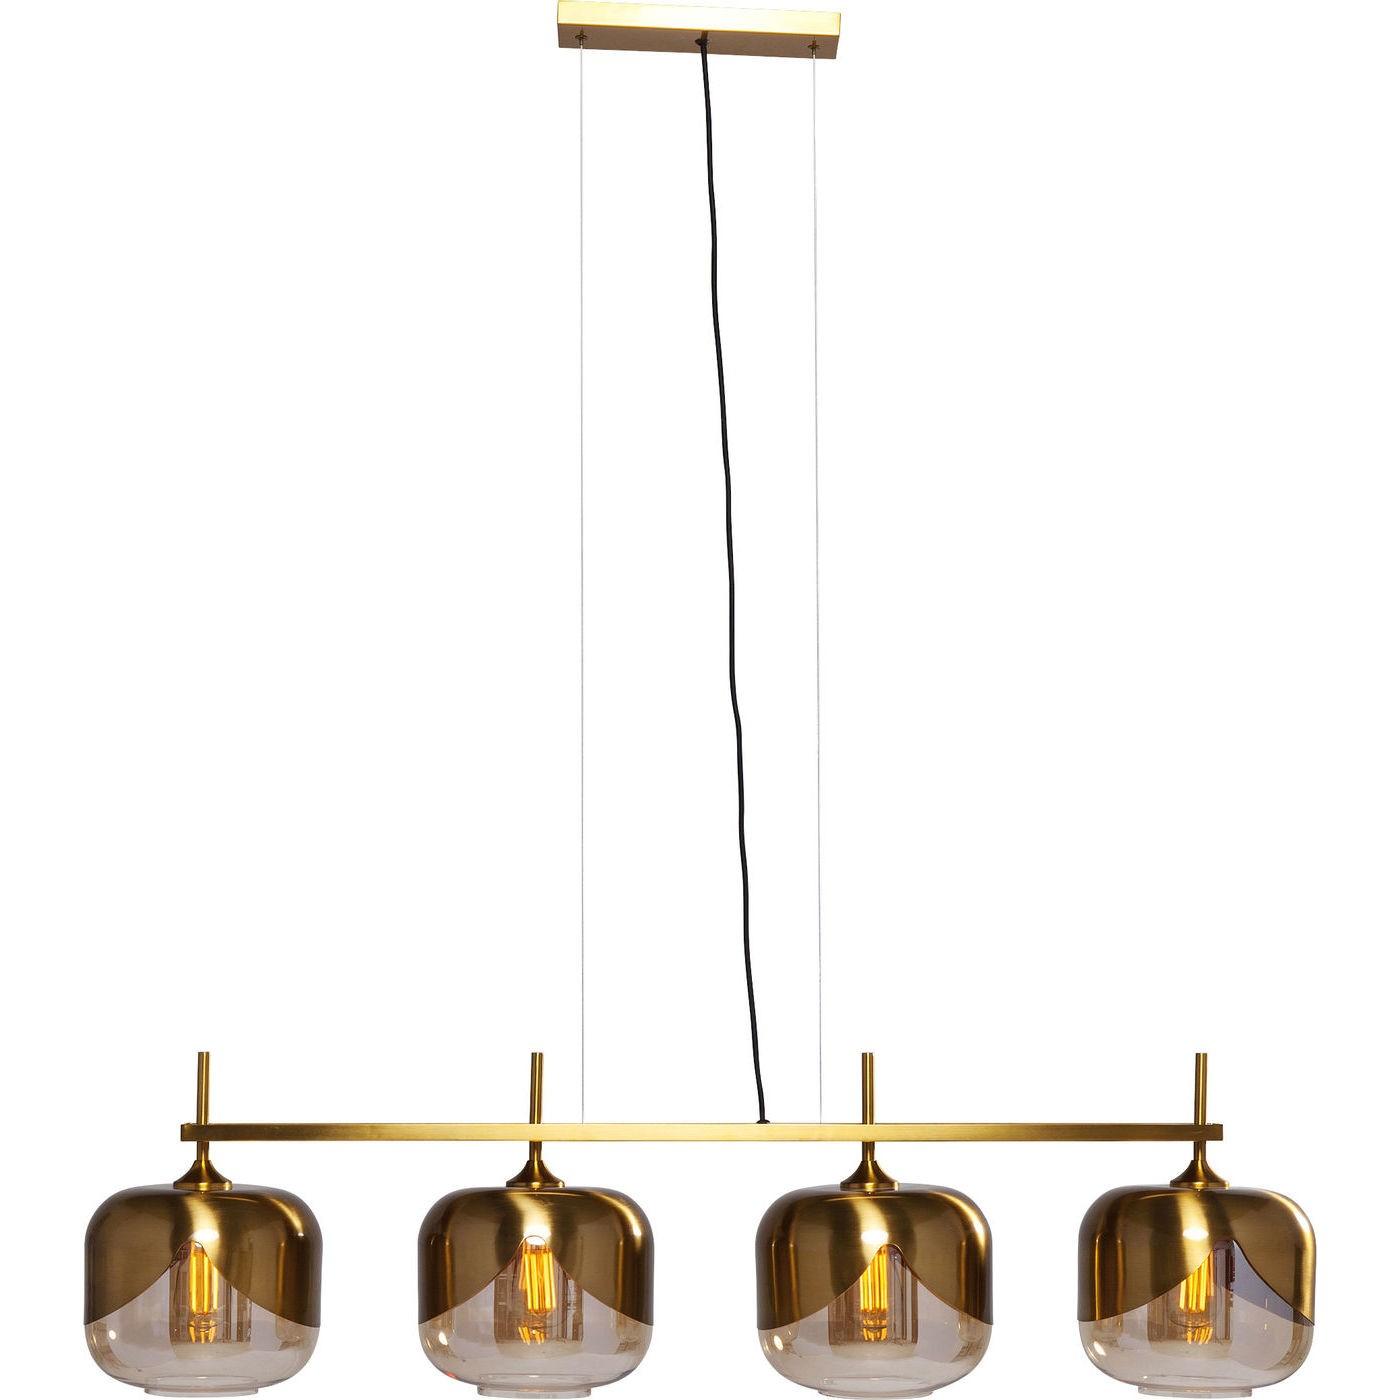 Suspension 4 abat-jours en acier doré et verre